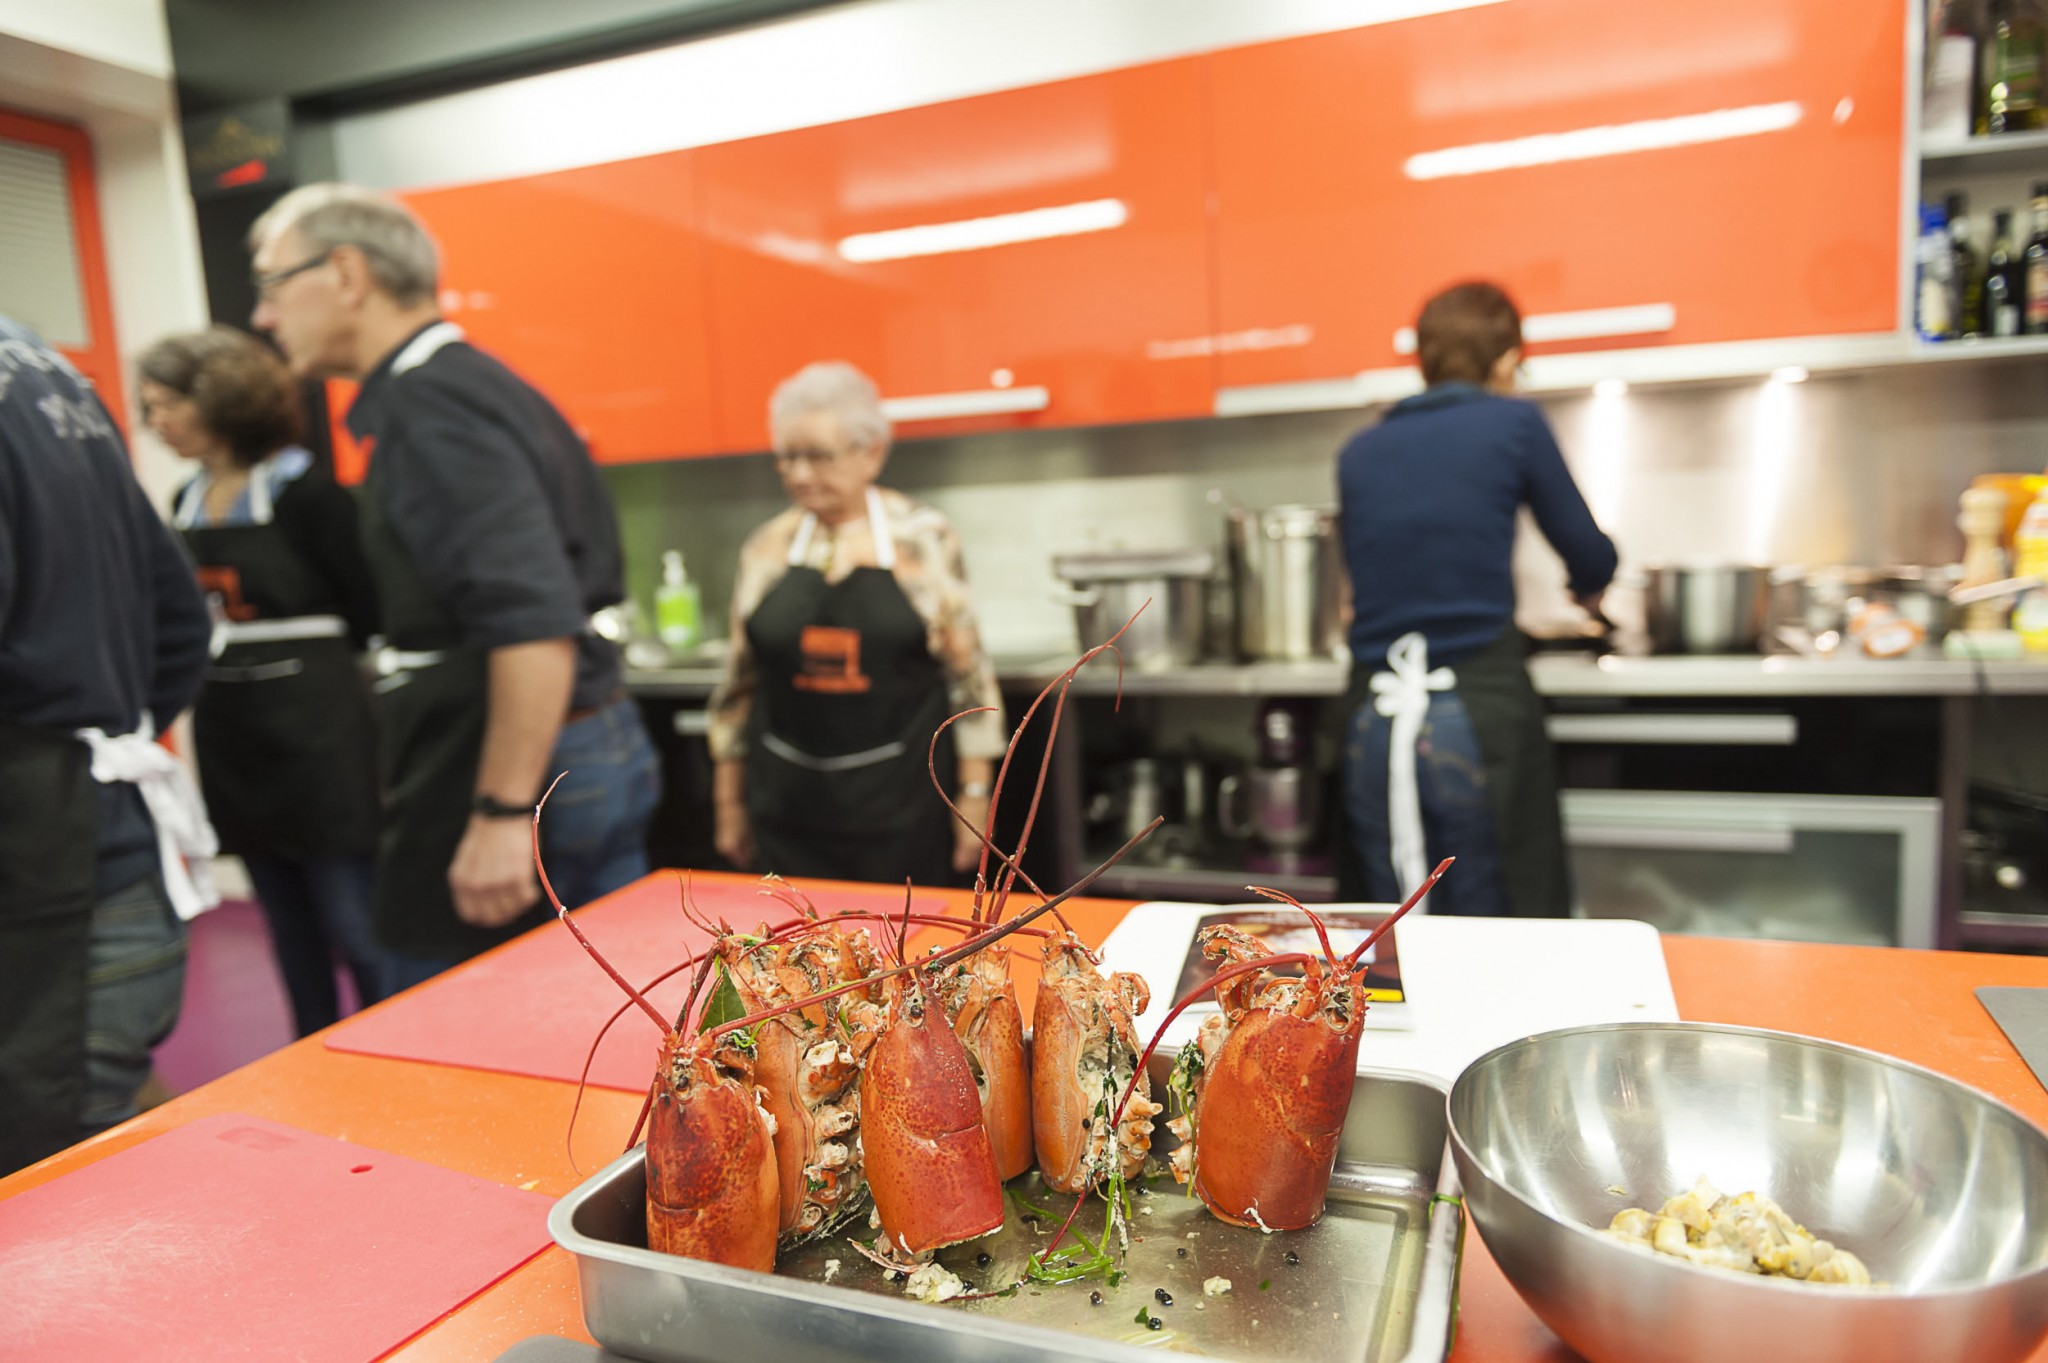 Reportage photo à l'école des desserts, cours de cuisine par Alain Chartier et Bernard Rambaud.